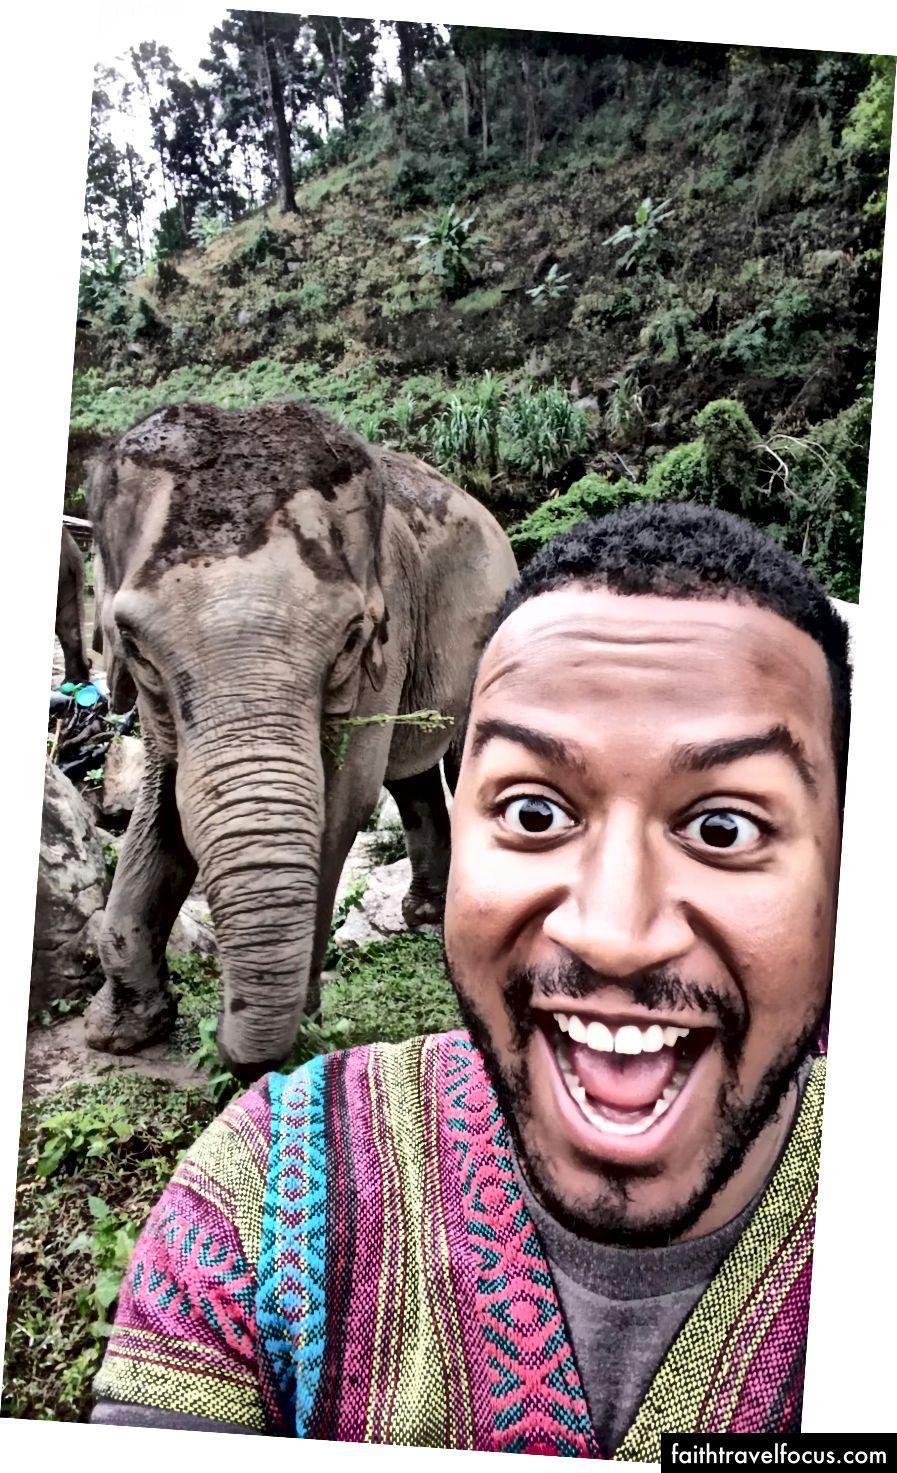 Toto je pravdepodobne jediný najšťastnejší okamih môjho života. Dobrovoľníctvo so slonmi v Chiang Mai, Thajsko.